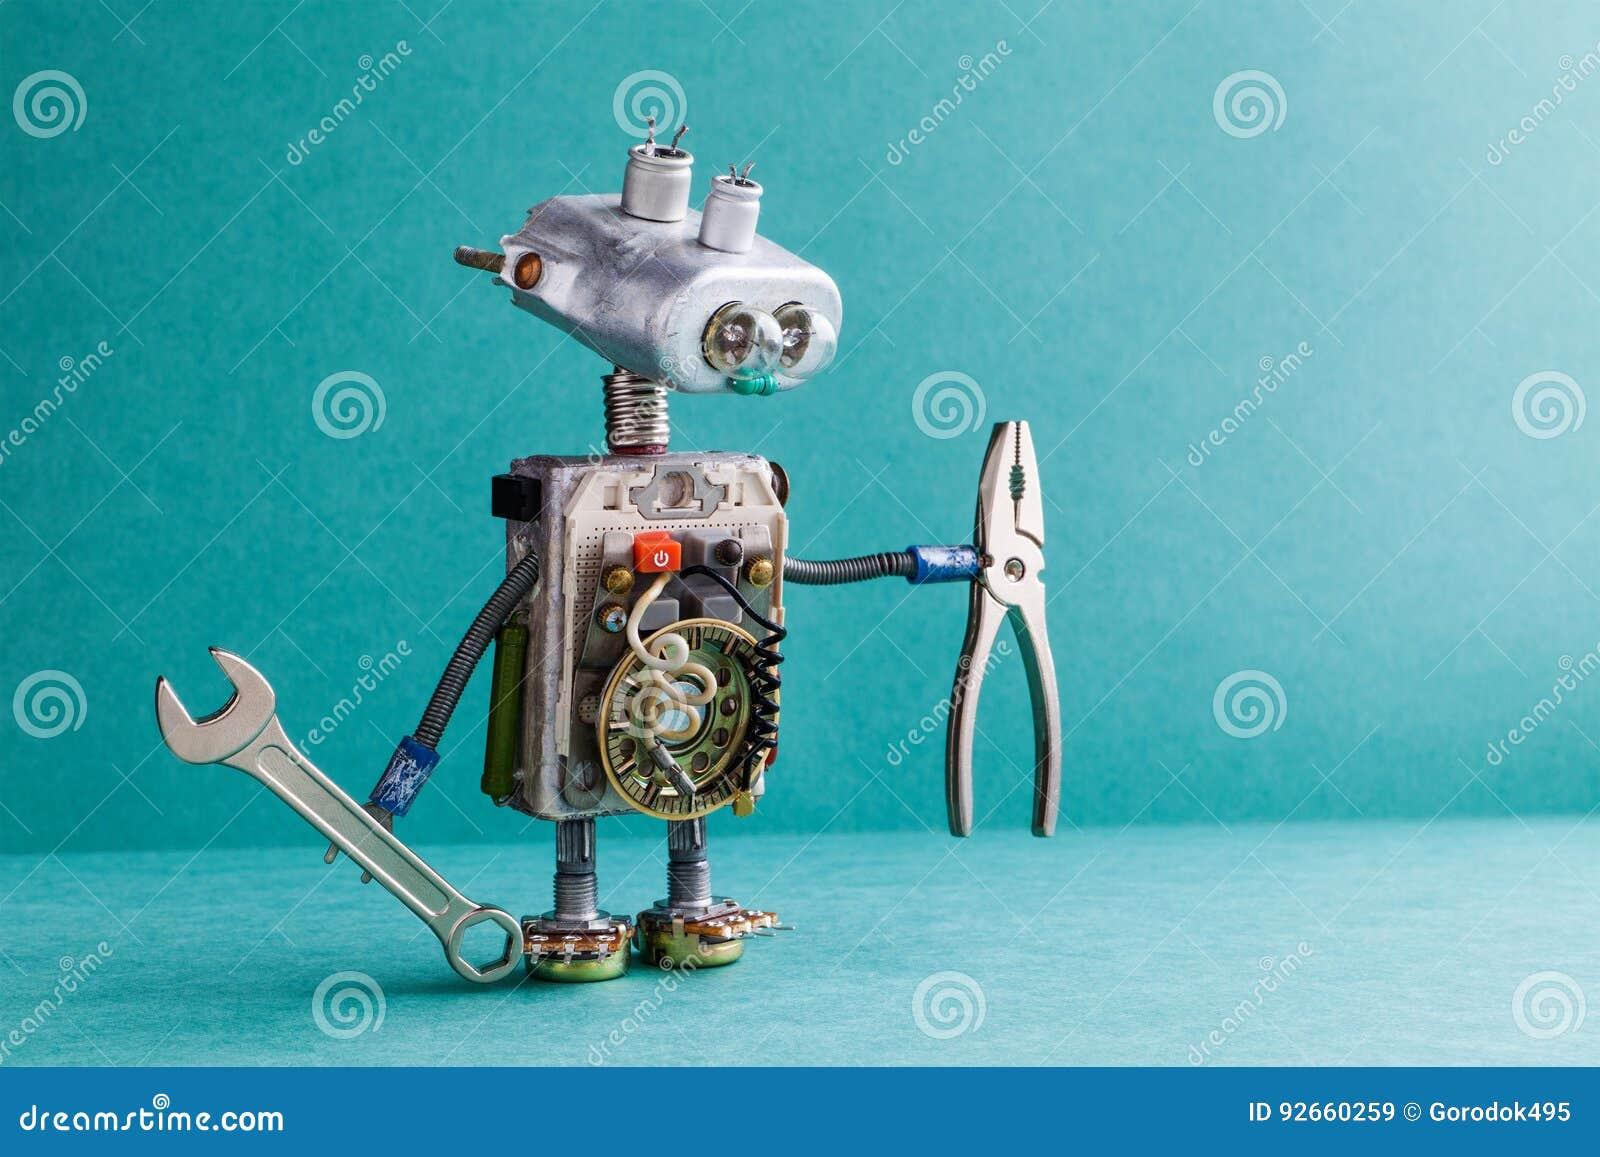 电工机器人杂物工板钳钳子 技工靠机械装置维持生命的人玩具电灯泡注视顶头,电导线,电容器葡萄酒